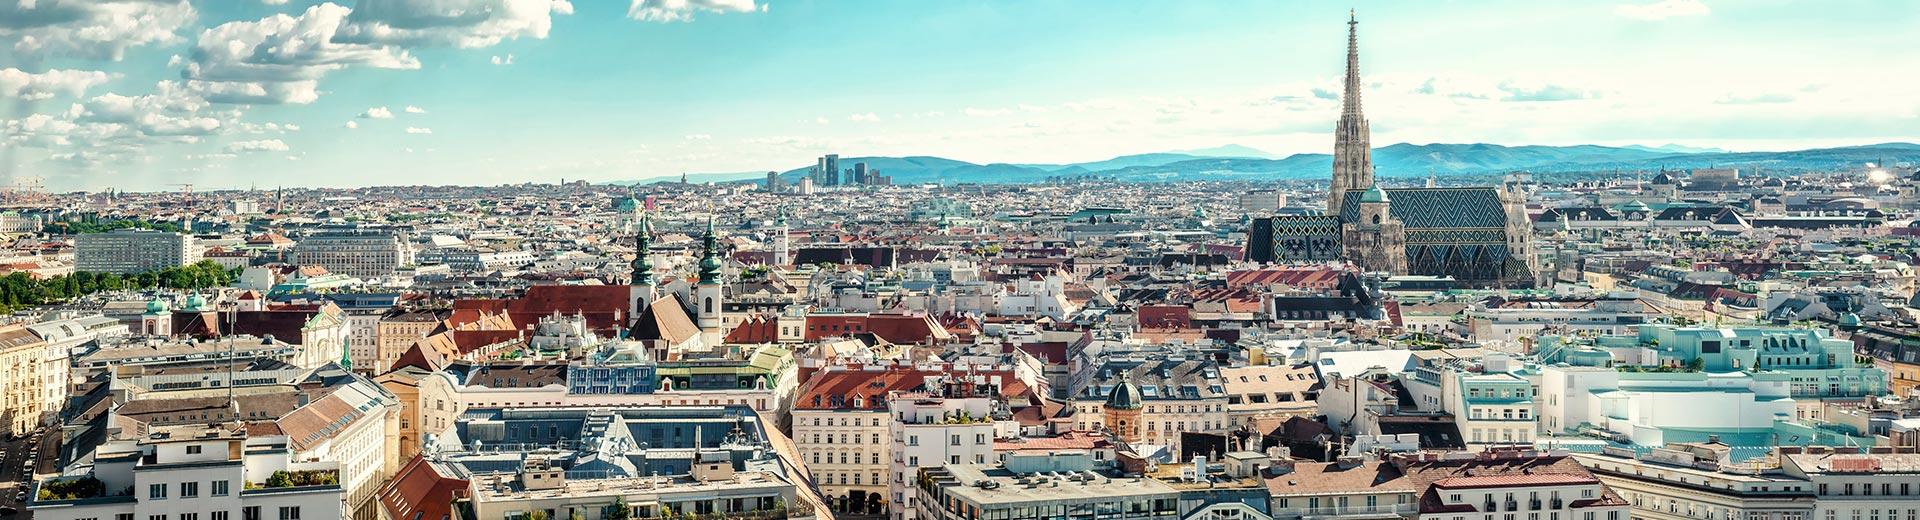 Voyage en groupe Vienne - offre économique avion